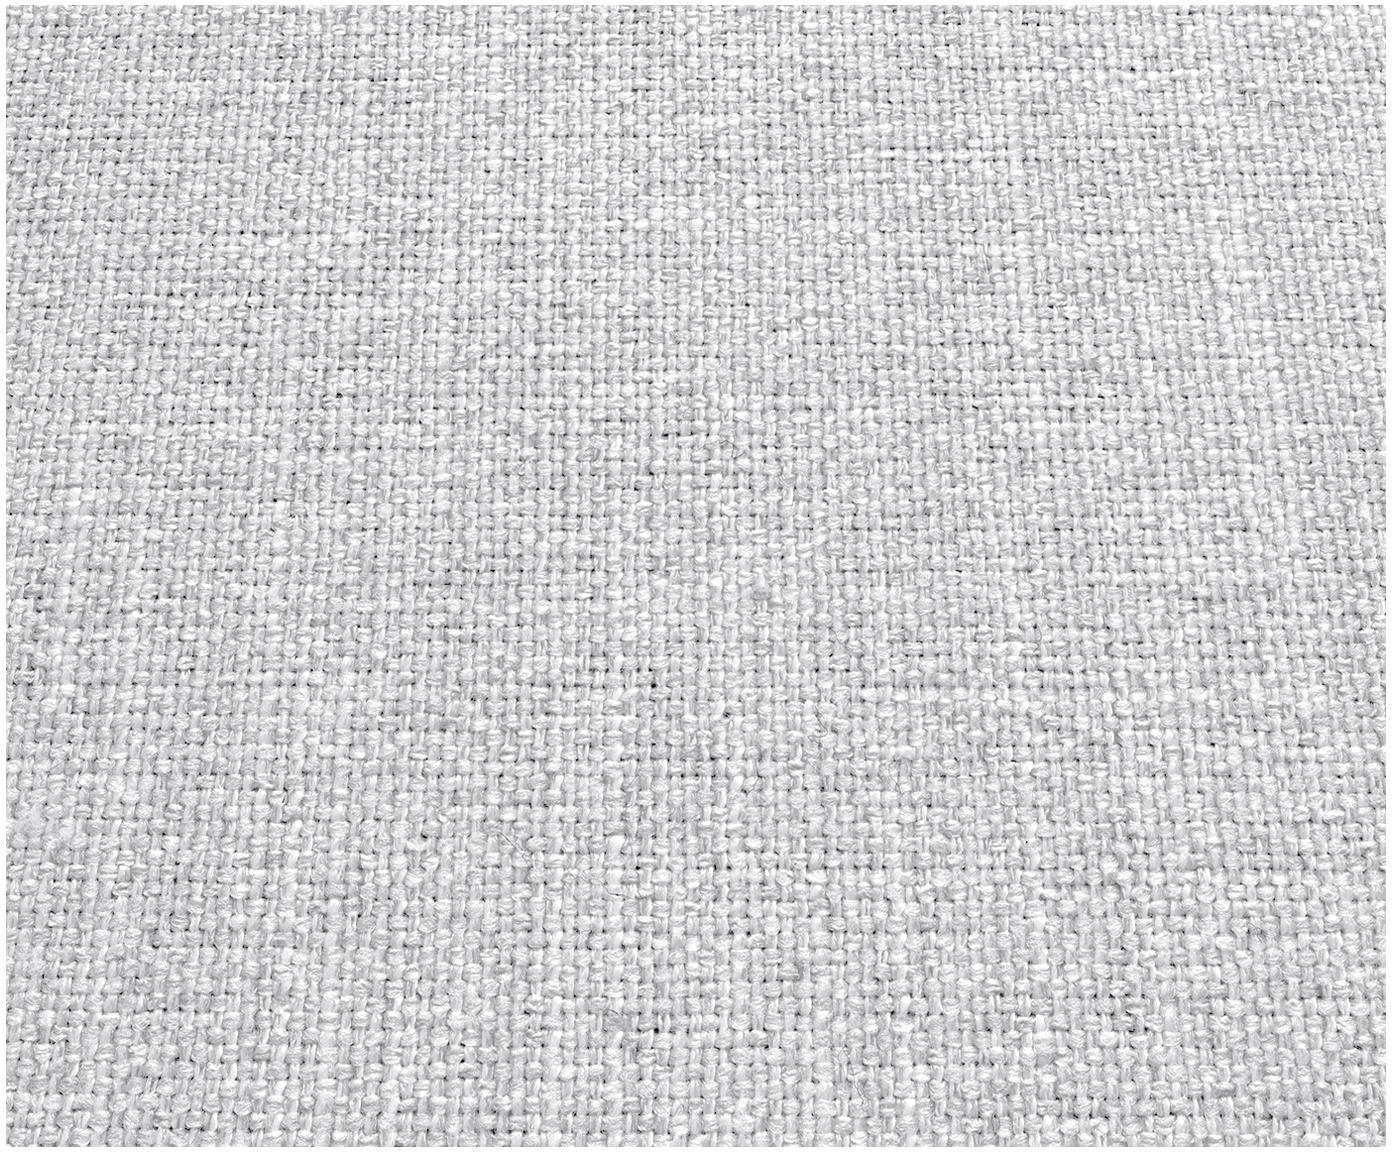 Fotel Moby, Tapicerka: poliester 60000 cykli w , Stelaż: lite drewno sosnowe, Nogi: metal malowany proszkowo, Jasny szary, S 90 x G 90 cm